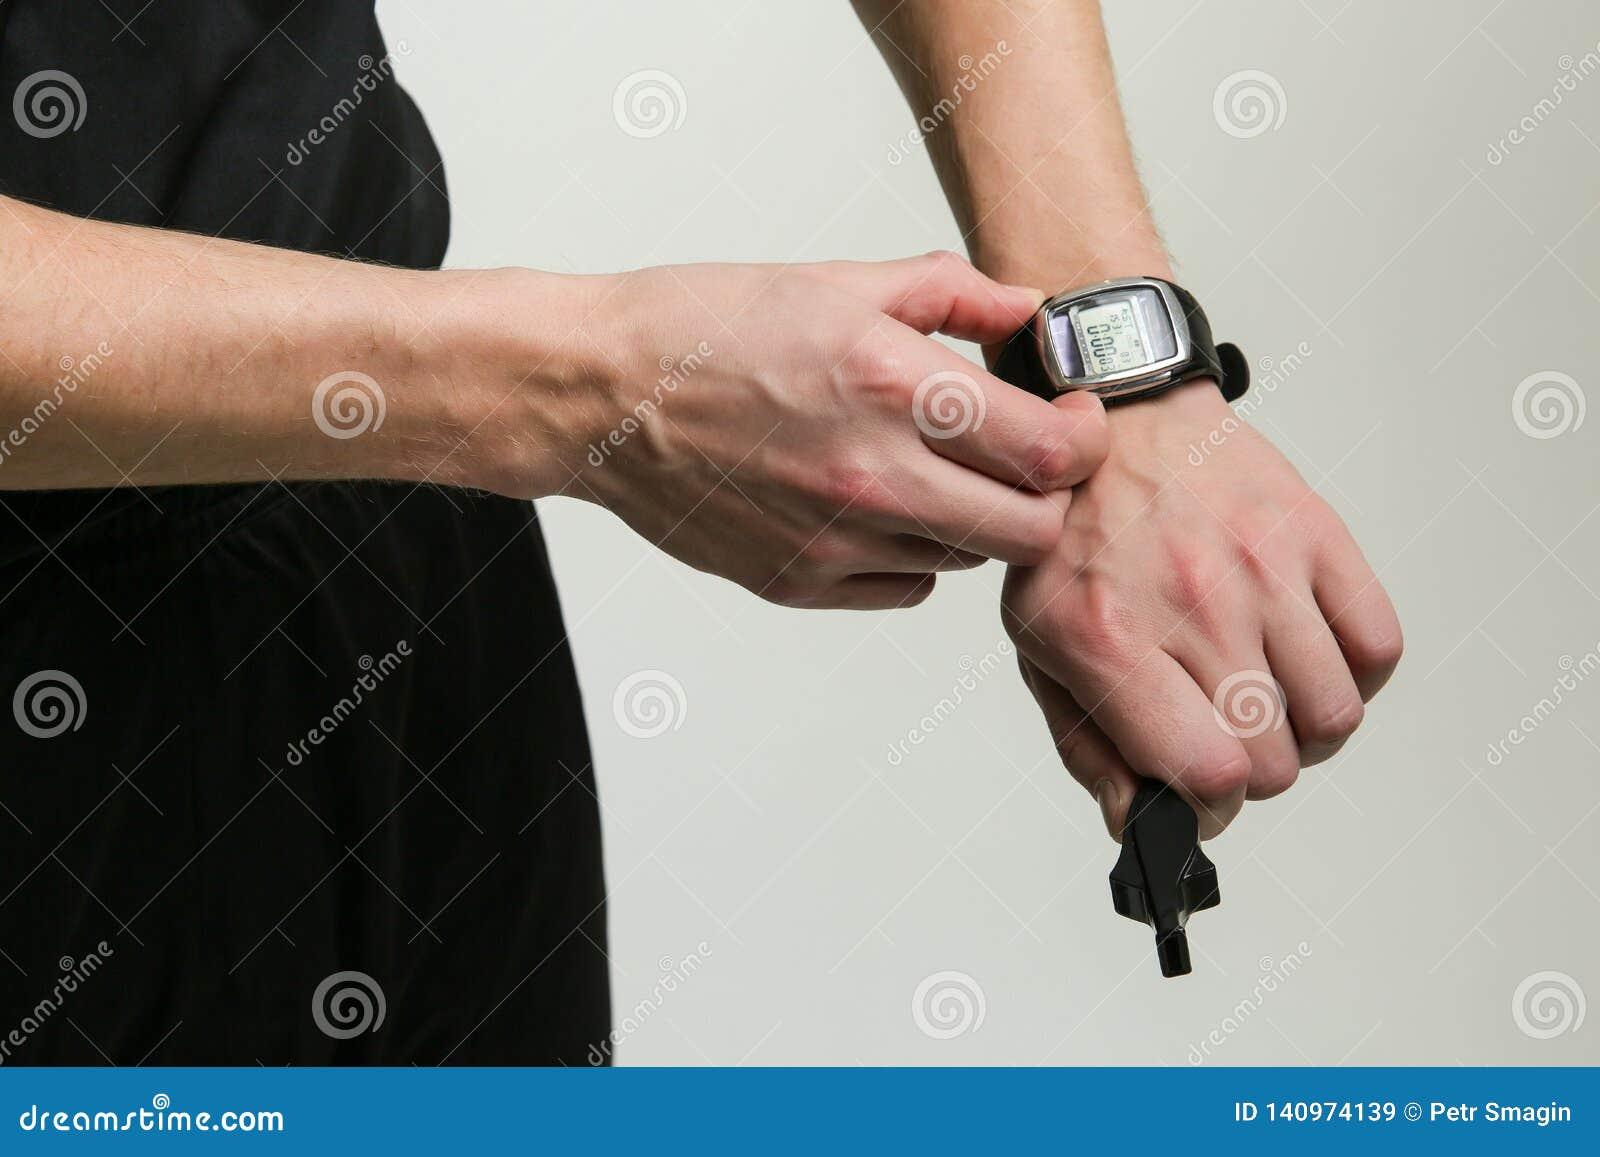 De hand van de voetbalscheidsrechter begint de chronometer